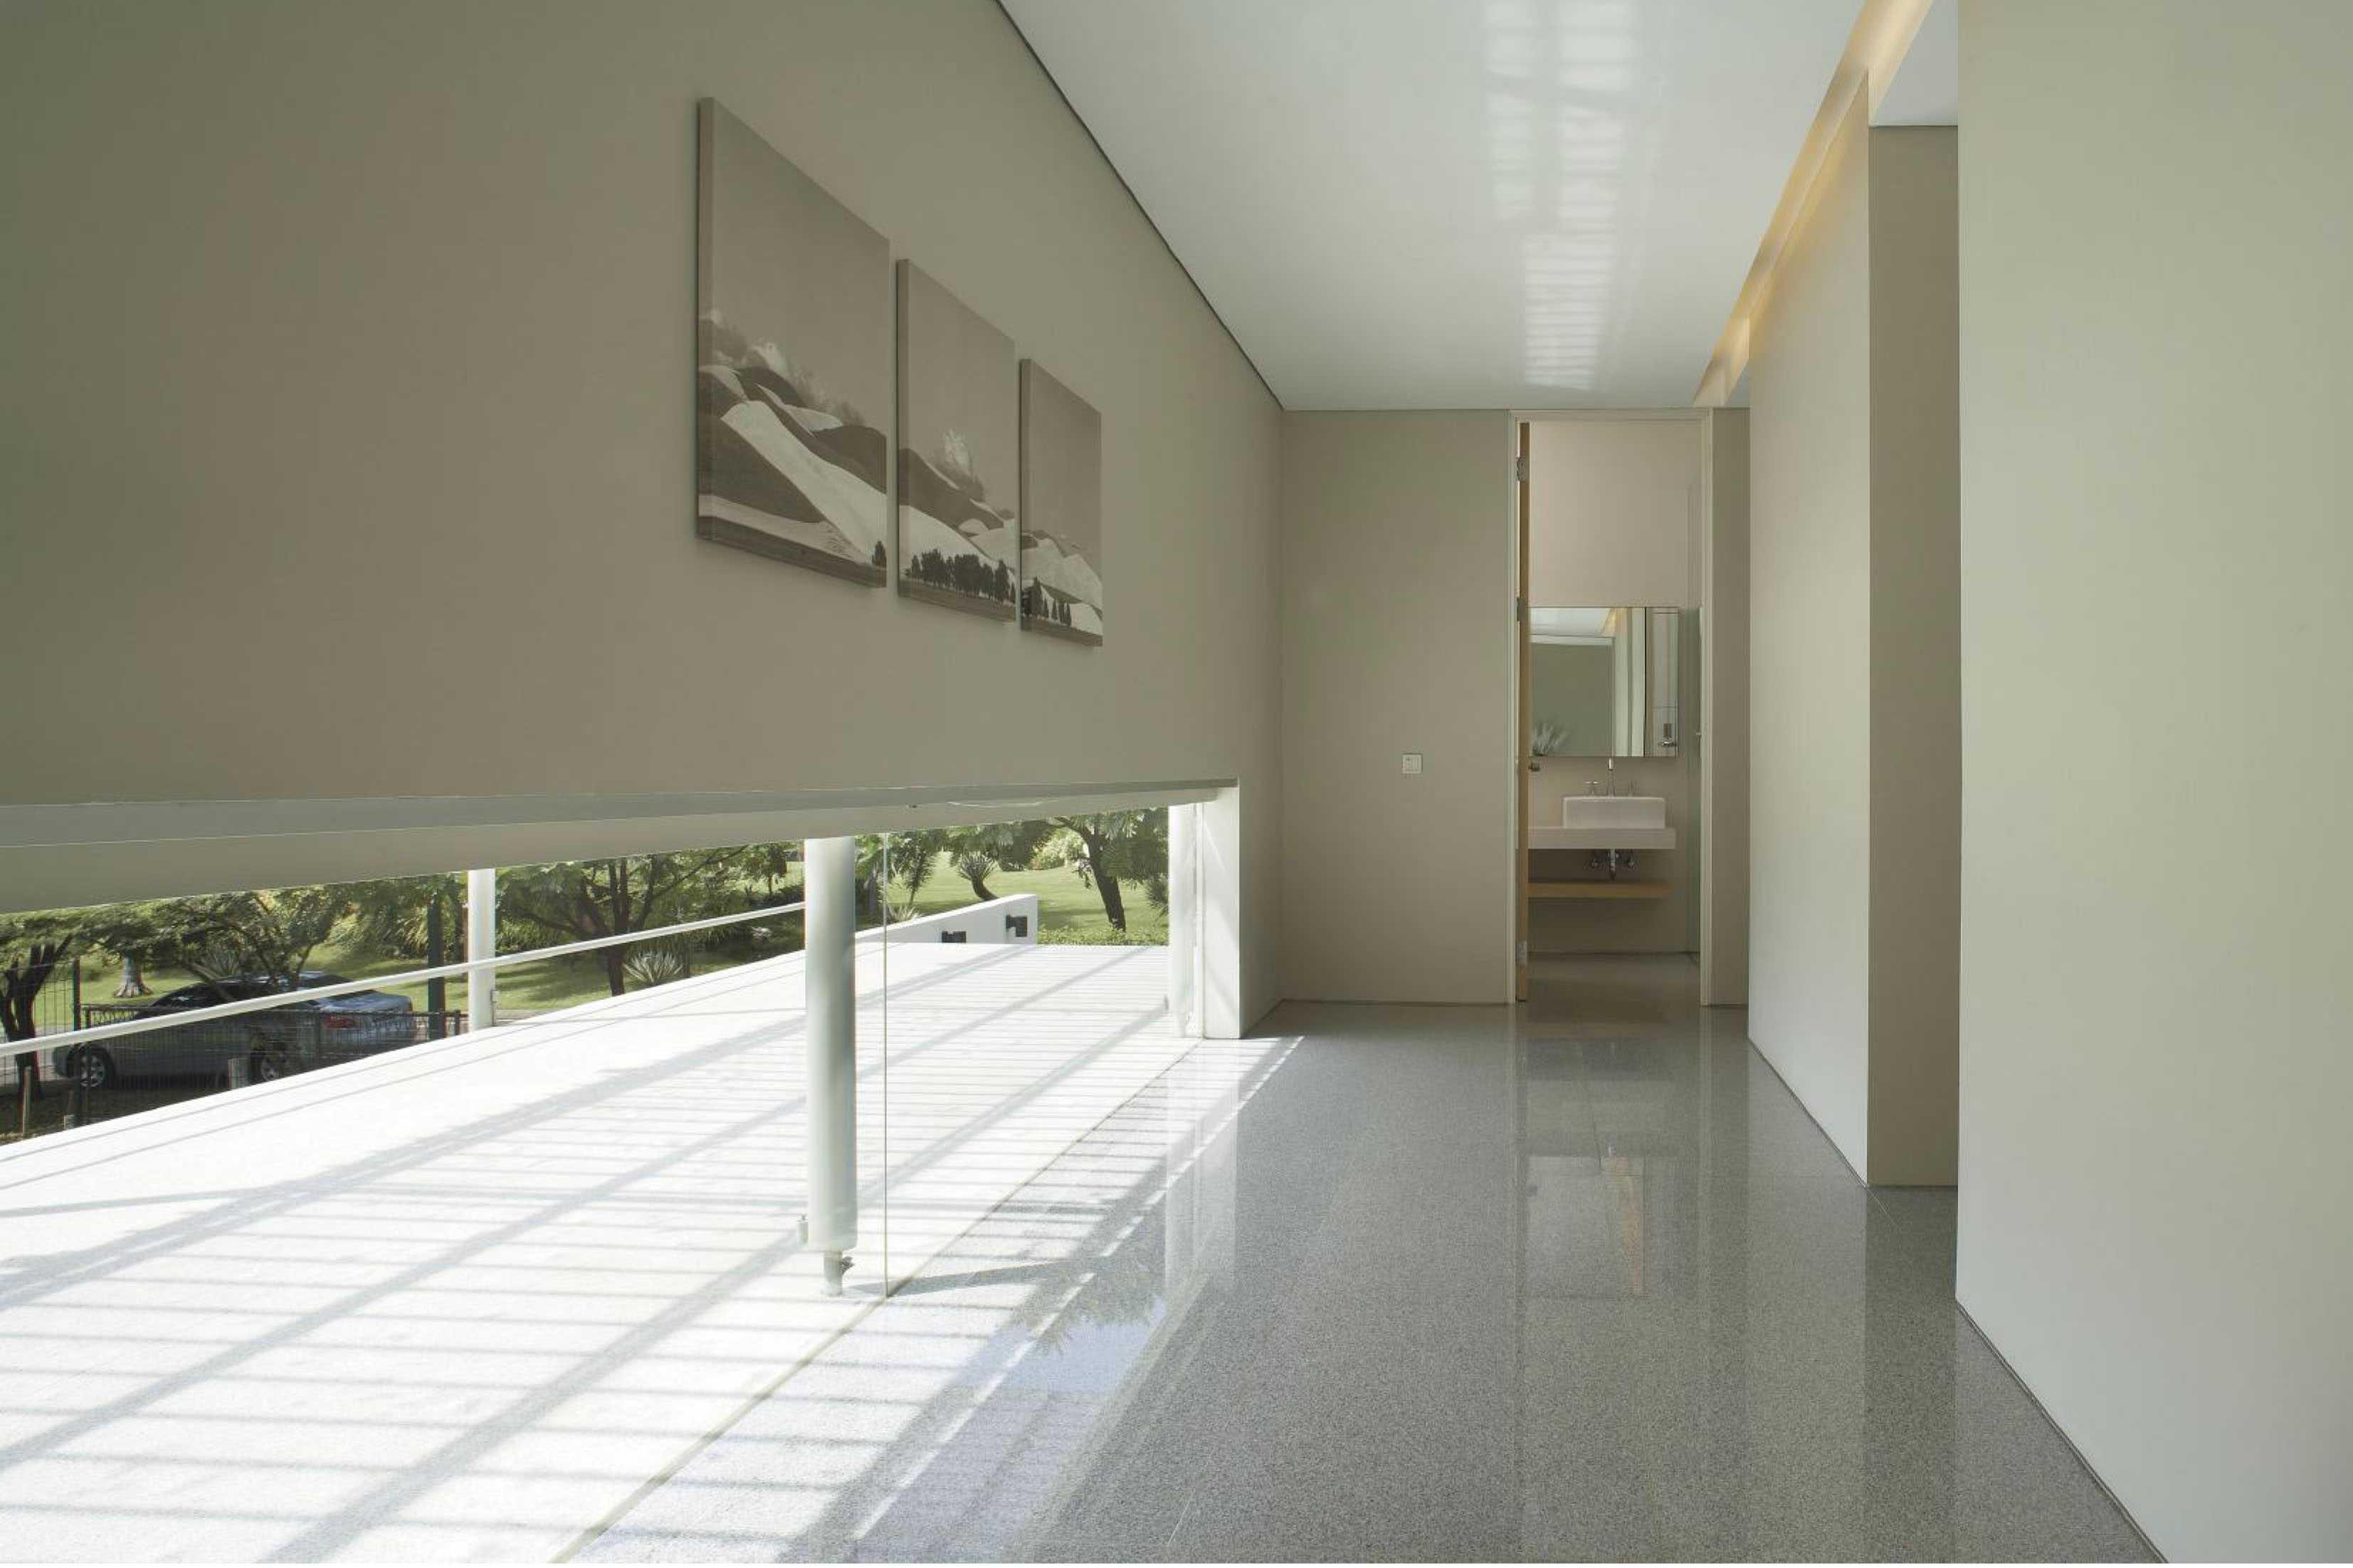 Studio Air Putih Tj_House Rancamaya, Bogor Rancamaya, Bogor Corridor   25004